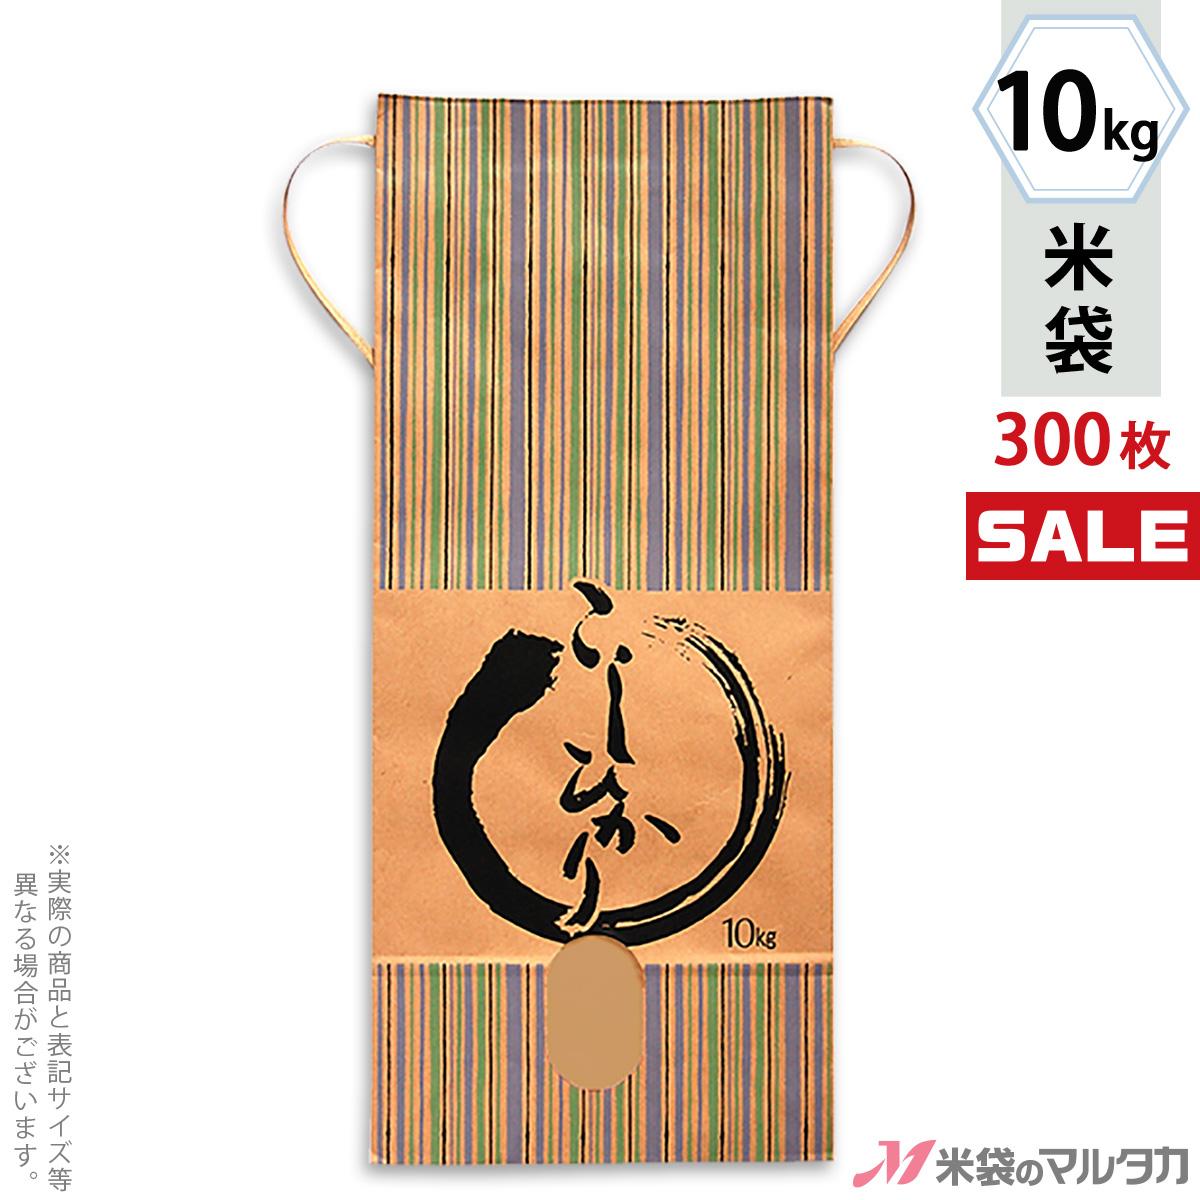 <キャンペーン対応>米袋 KH-0180 マルタカ クラフト こしひかり 青波(せいは)窓付 角底 10kg用紐付 【米袋 10kg】【1ケース(300枚入)】